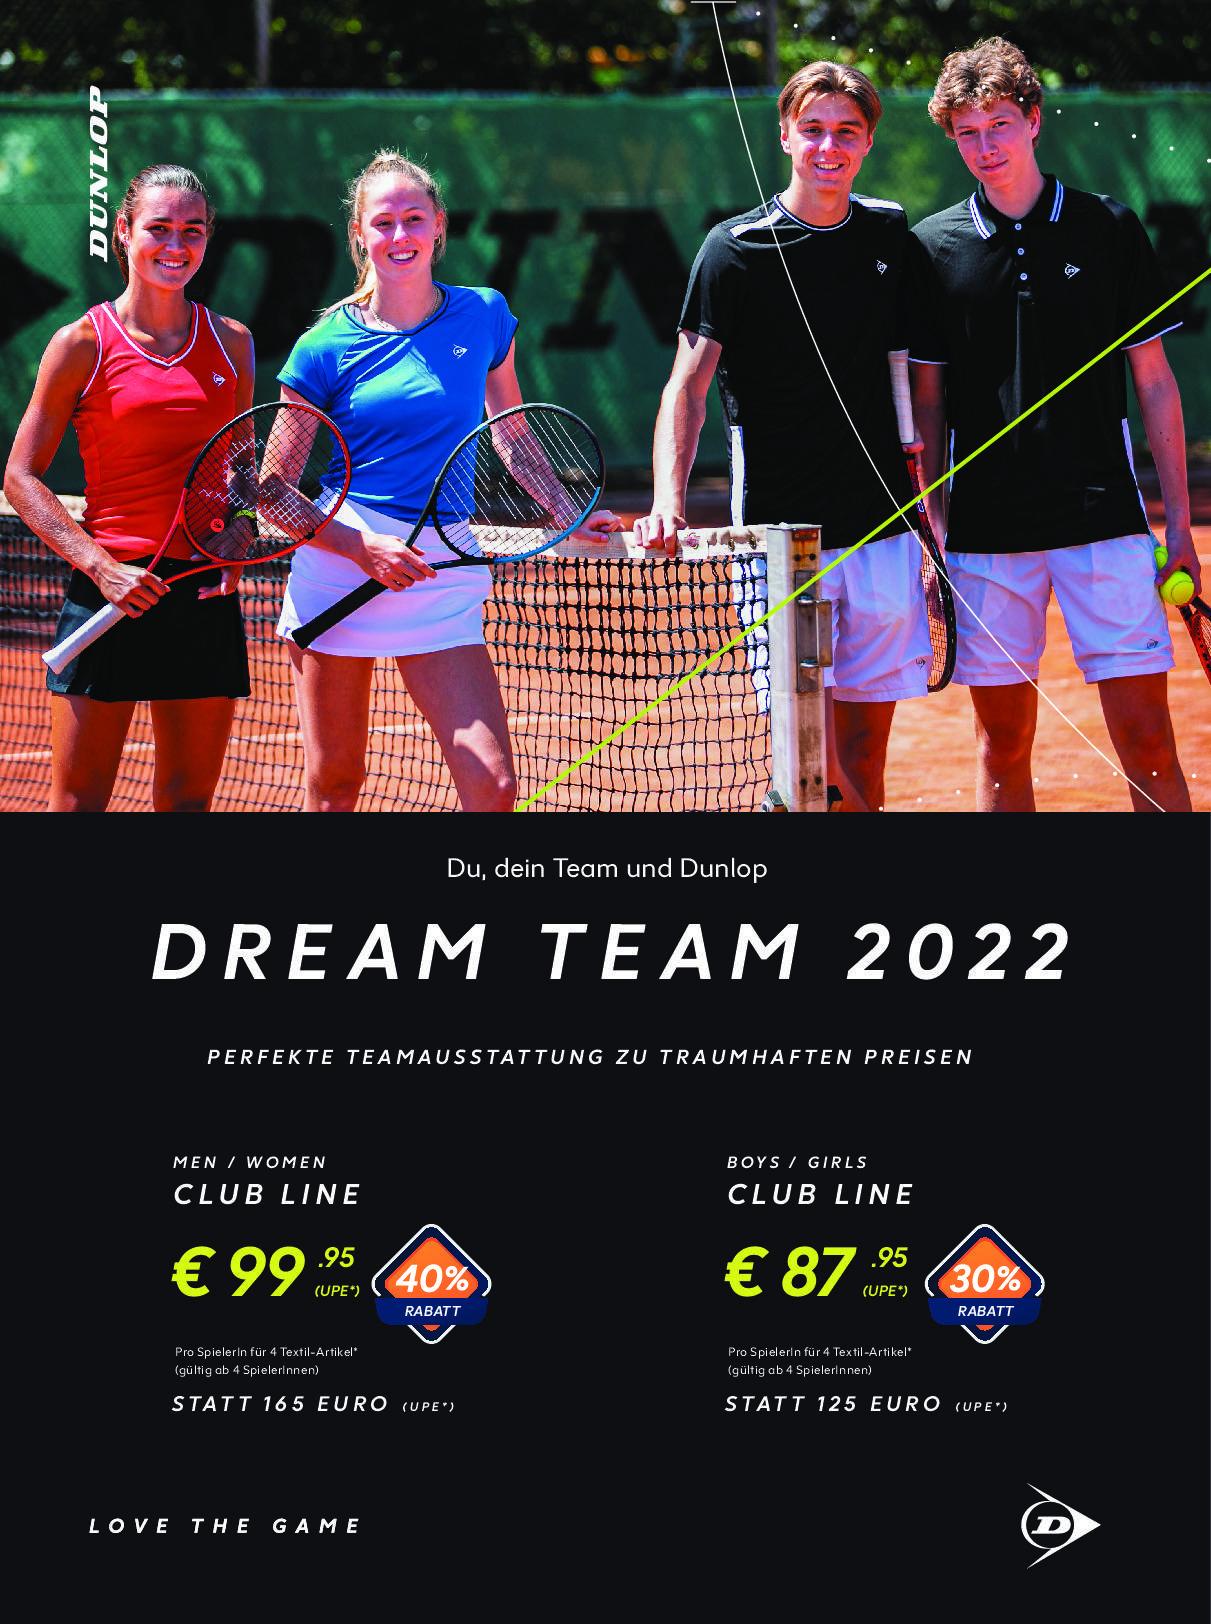 DUNLOP DREAM TEAM 2022